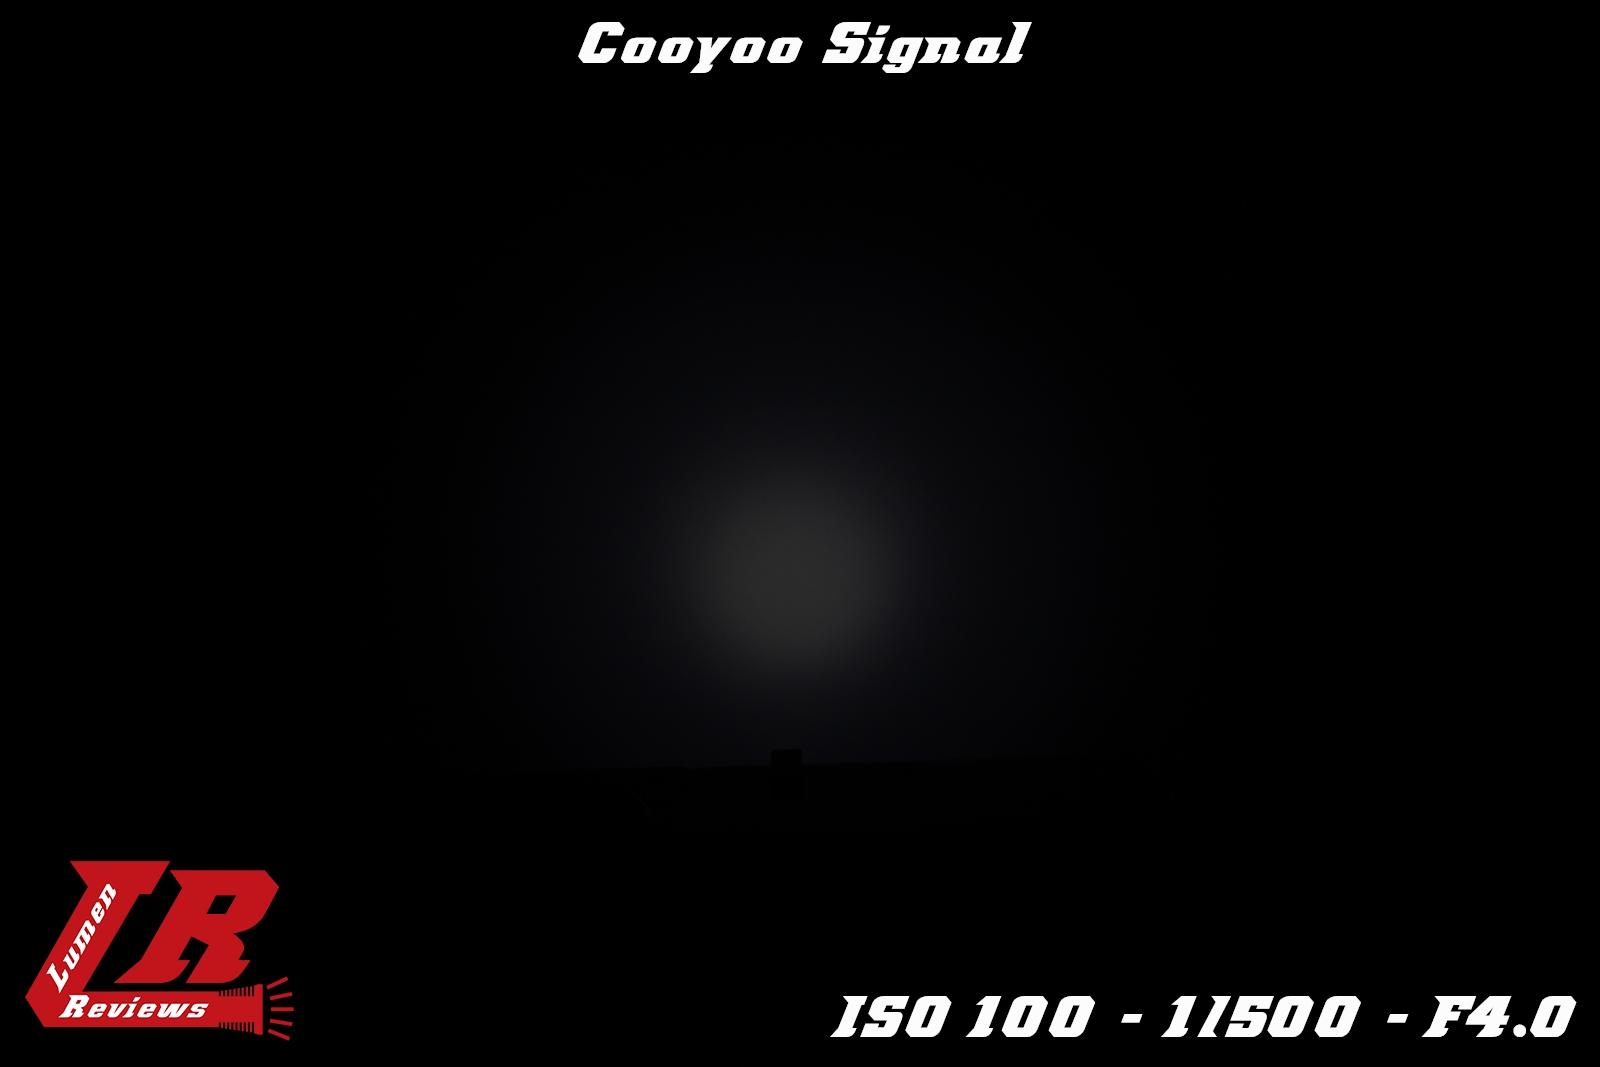 Cooyoo Usignal 19